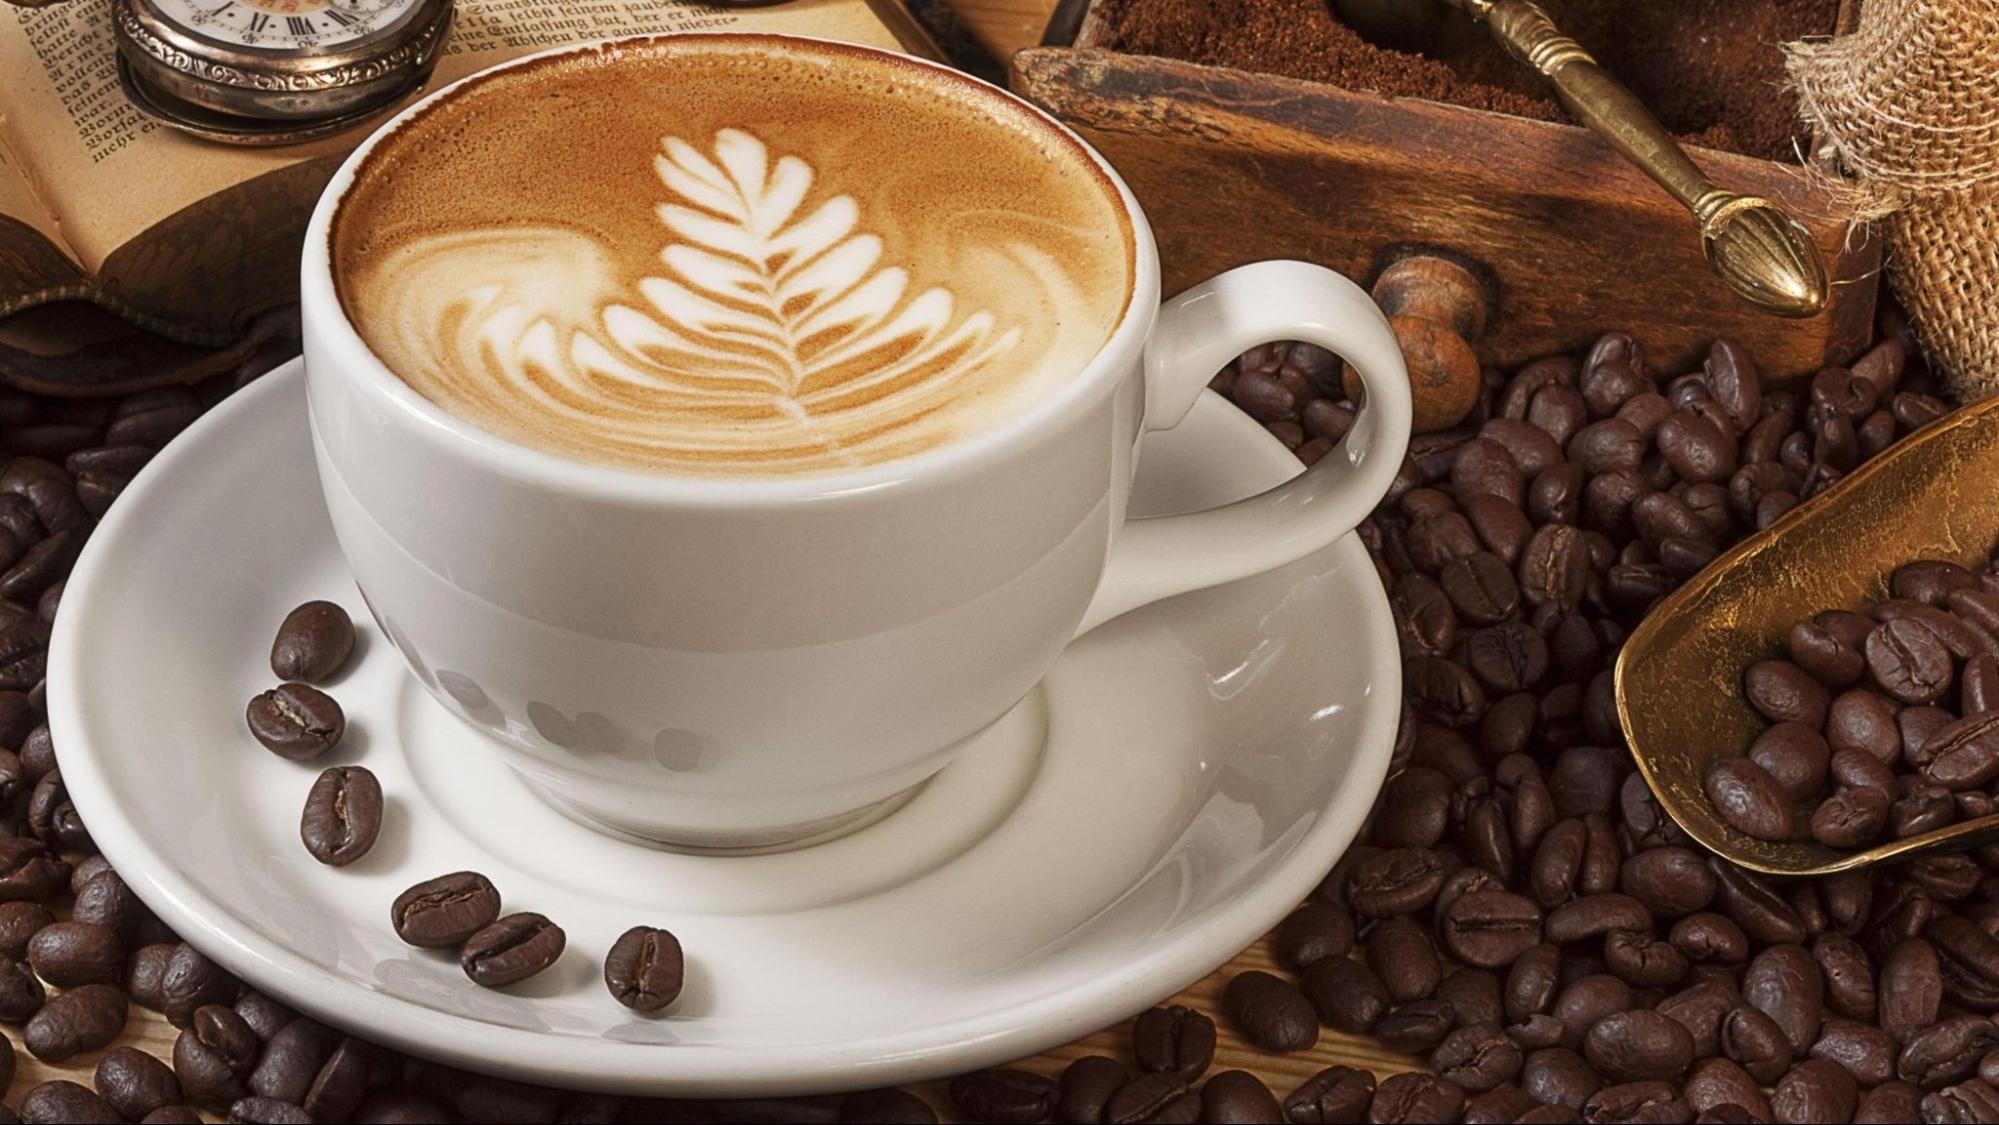 The best super-automatic espresso machine